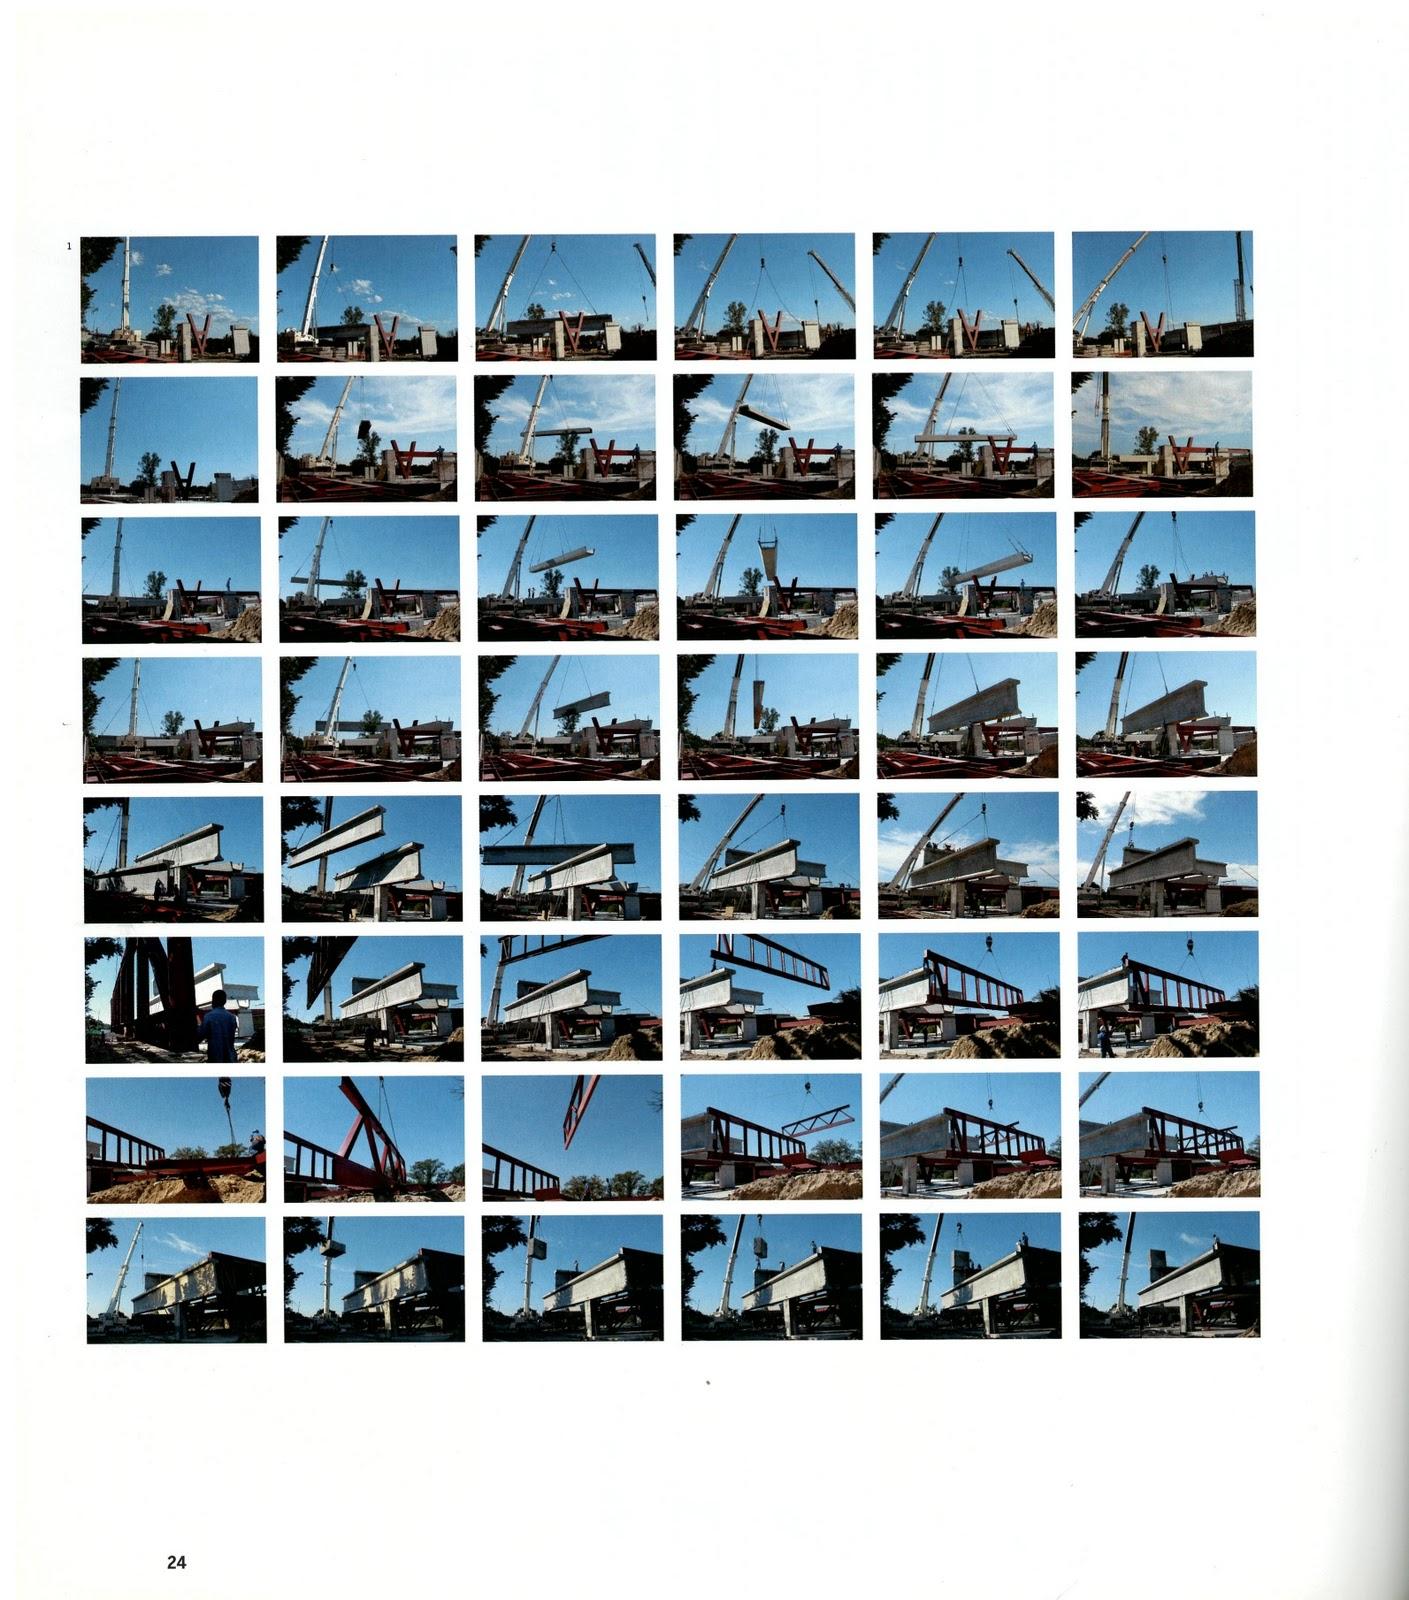 September 2011: Daniel Pantelas ARCH1390-2011: September 2011